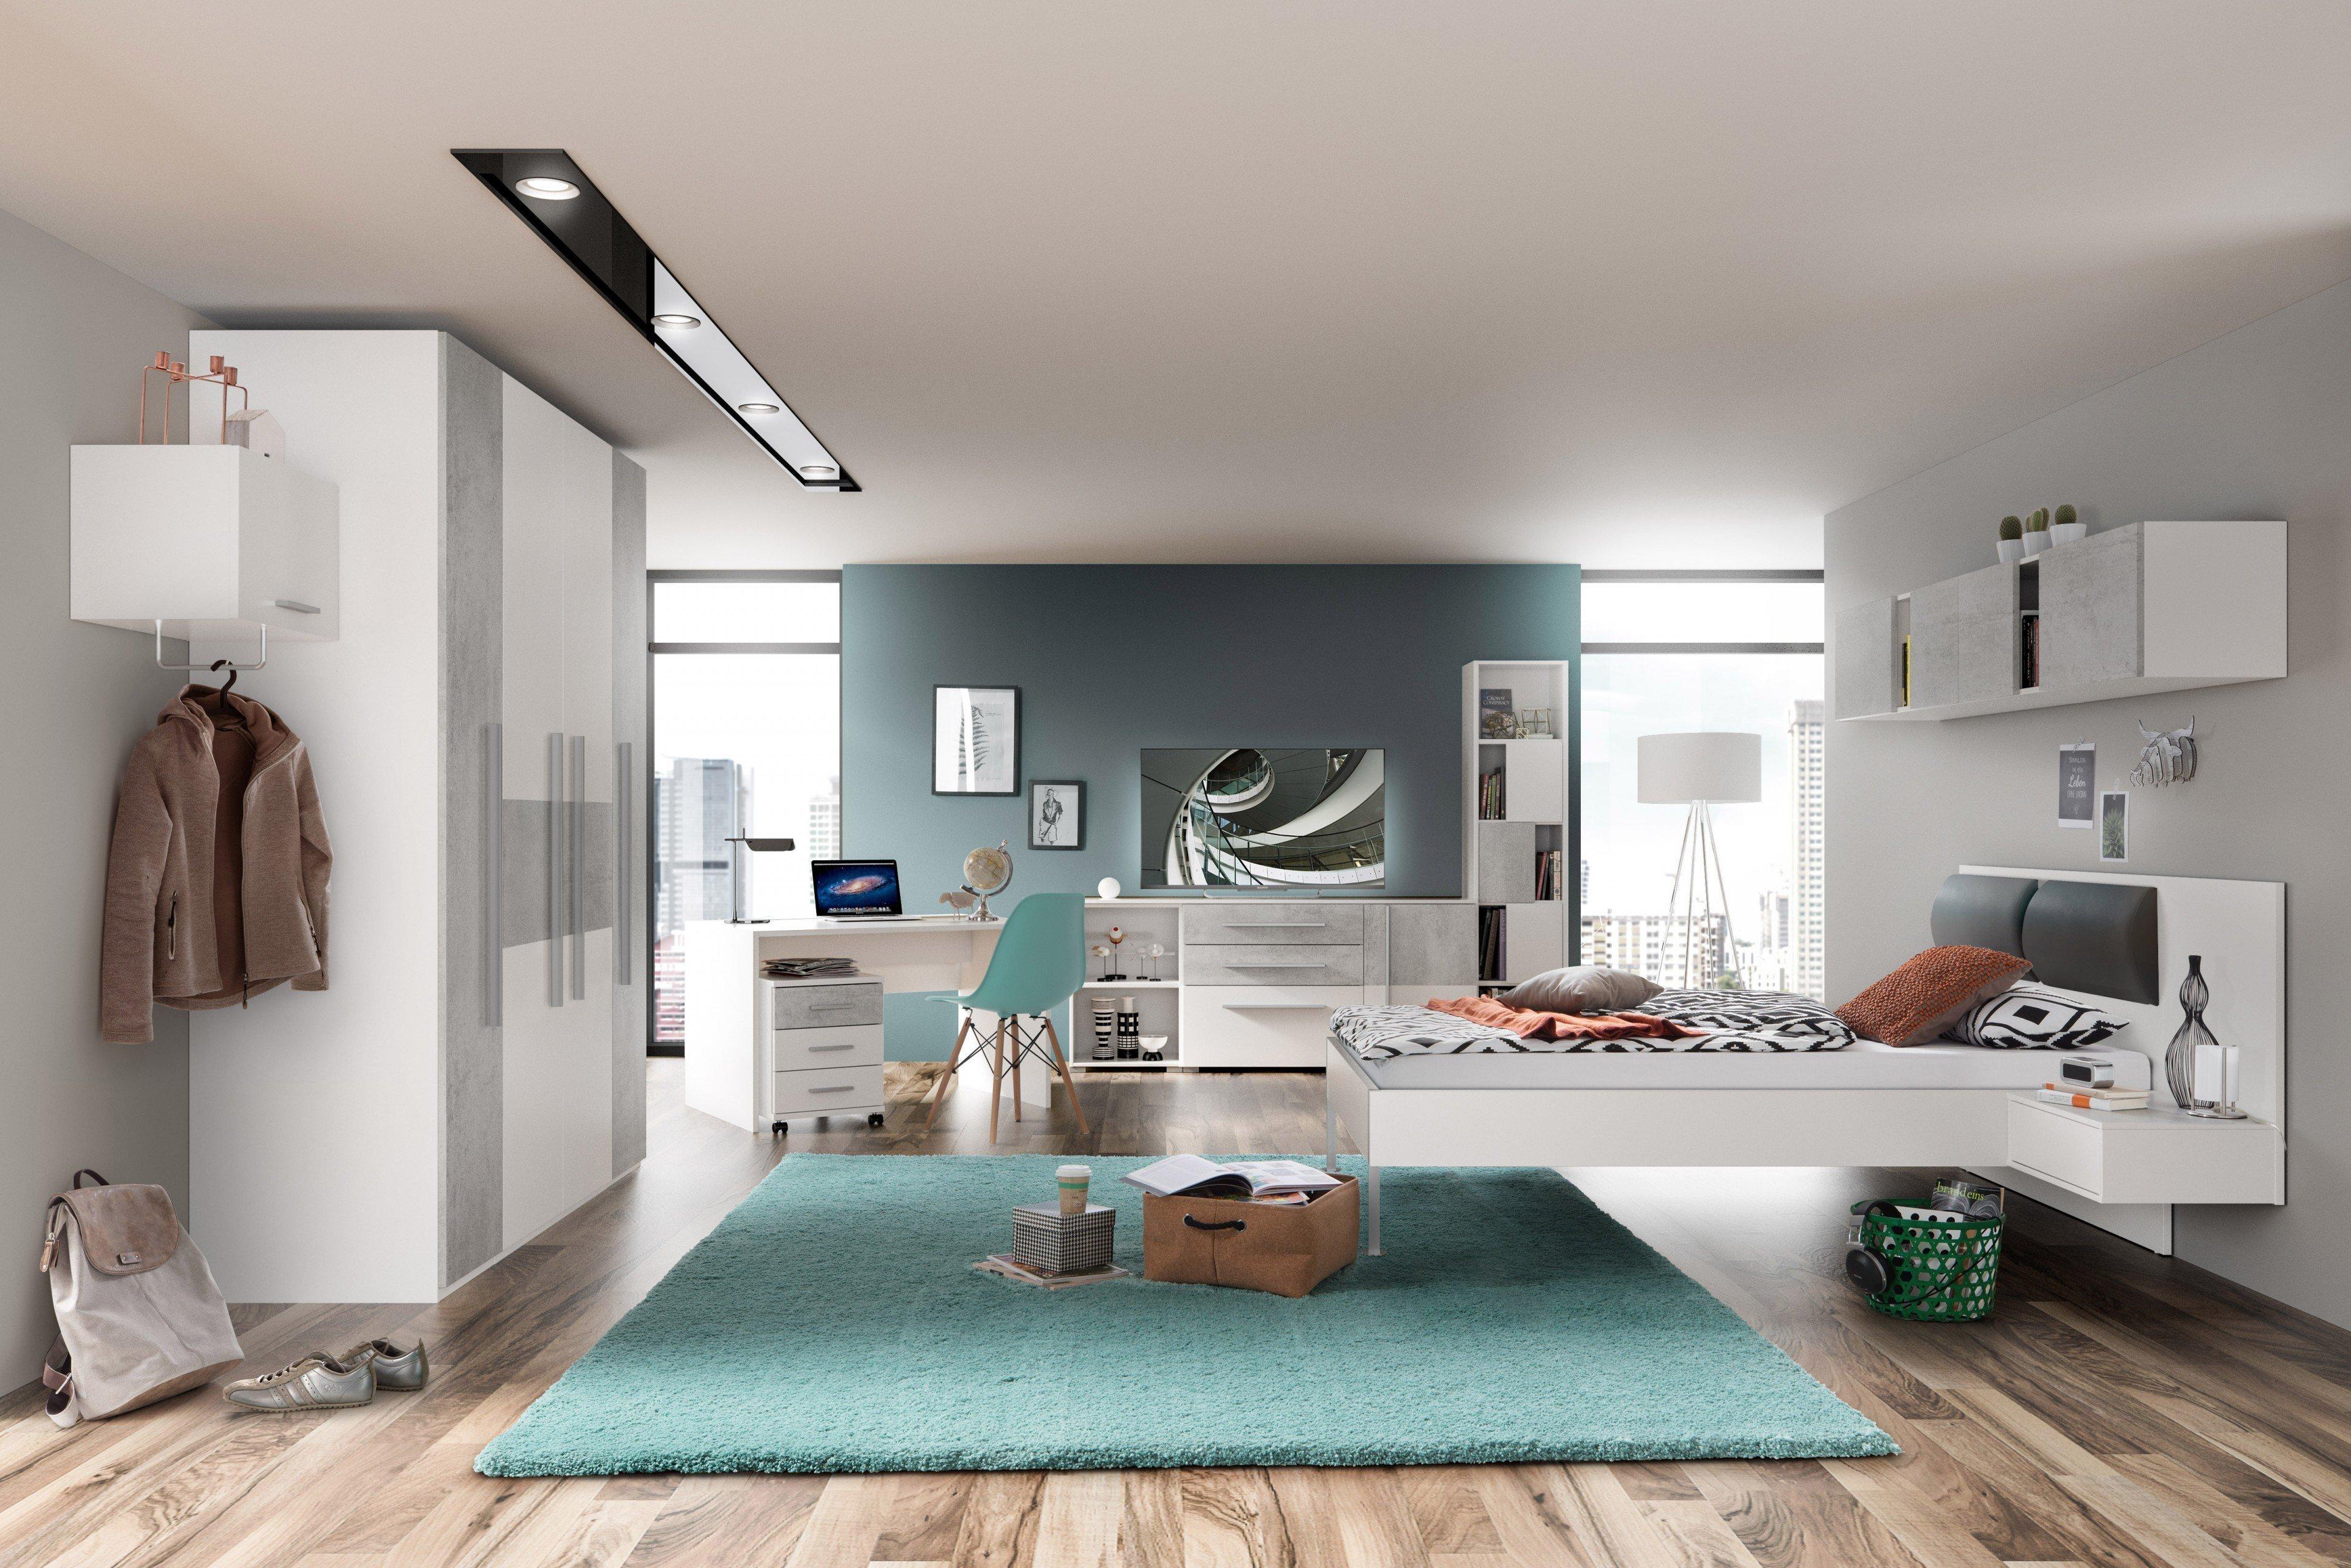 jugendzimmer m bel von r hr wei beton optik m bel letz ihr online shop. Black Bedroom Furniture Sets. Home Design Ideas